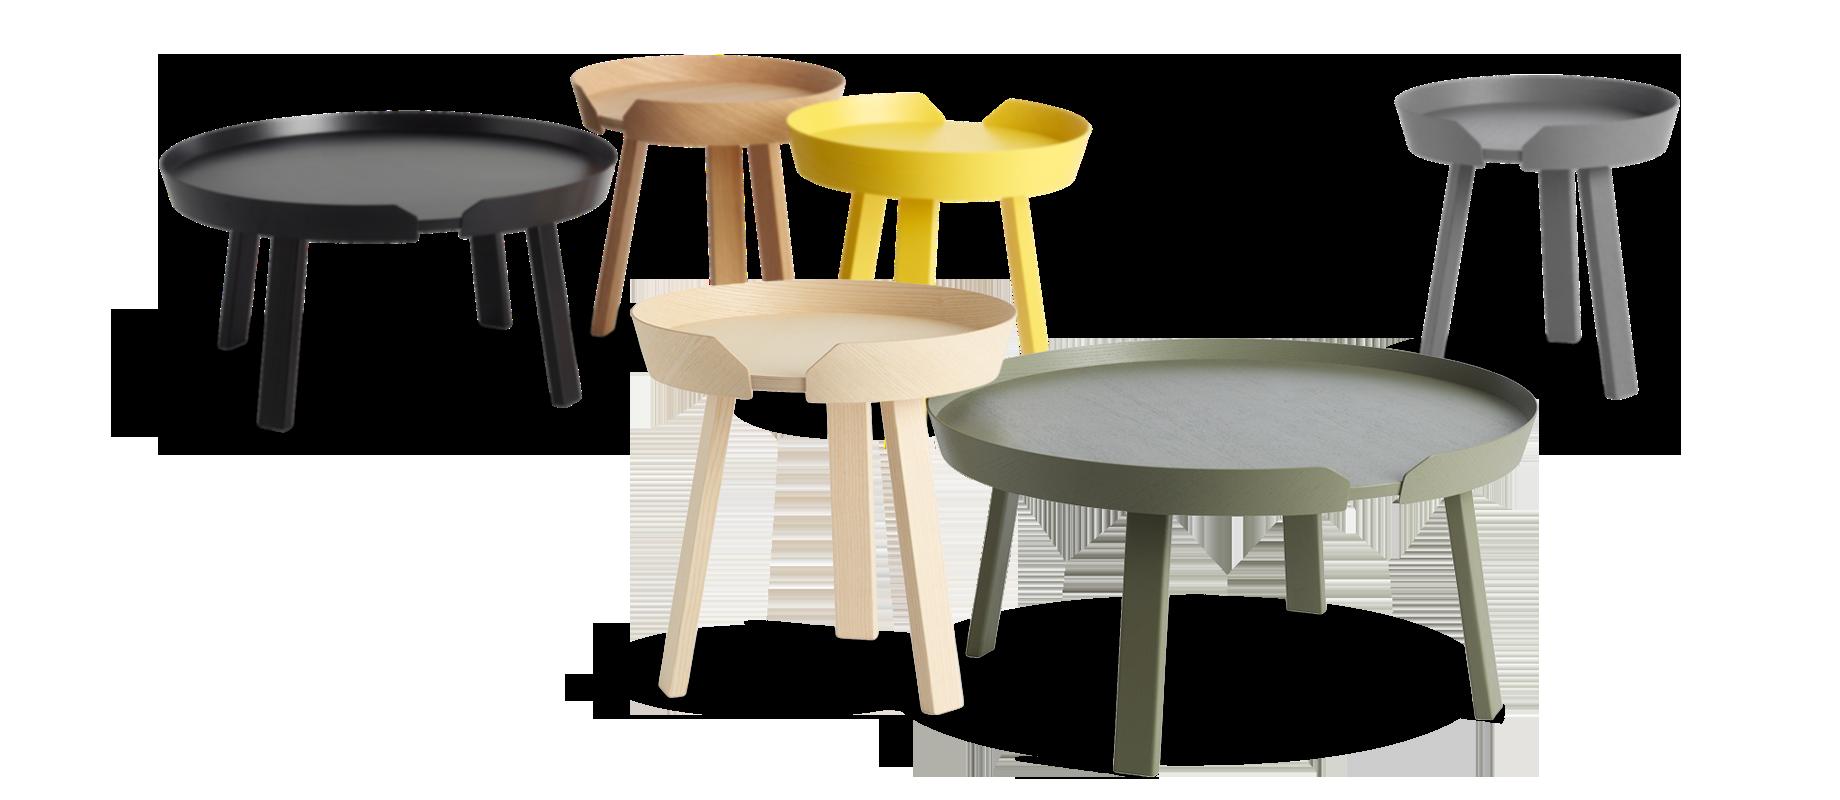 Einrichten Design De muuto around coffee table weitere infos unter einrichten design